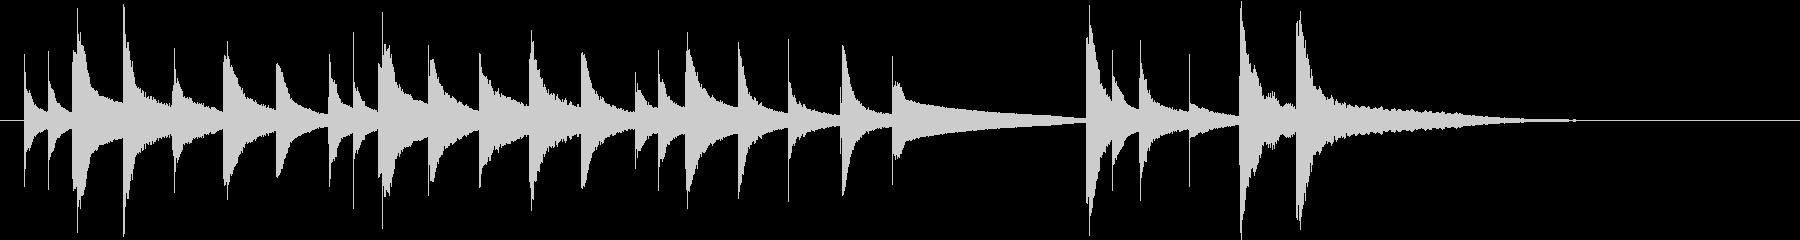 ハッピーバースデーのオルゴール(シンセ)の未再生の波形